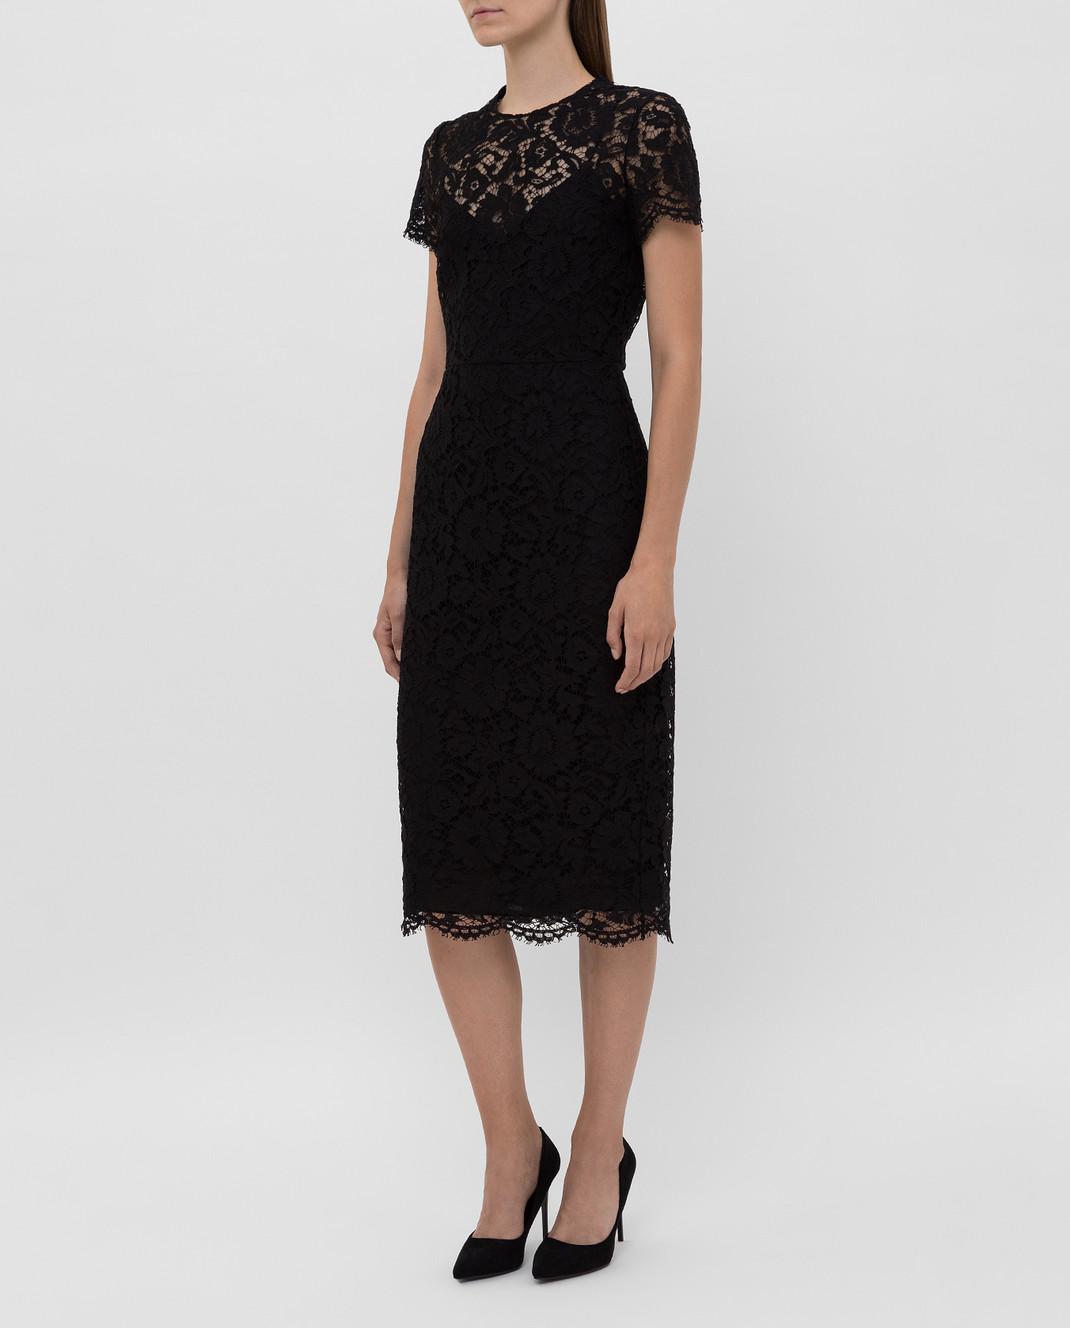 Valentino Черное платье из кружева SB3VABP51EC изображение 3